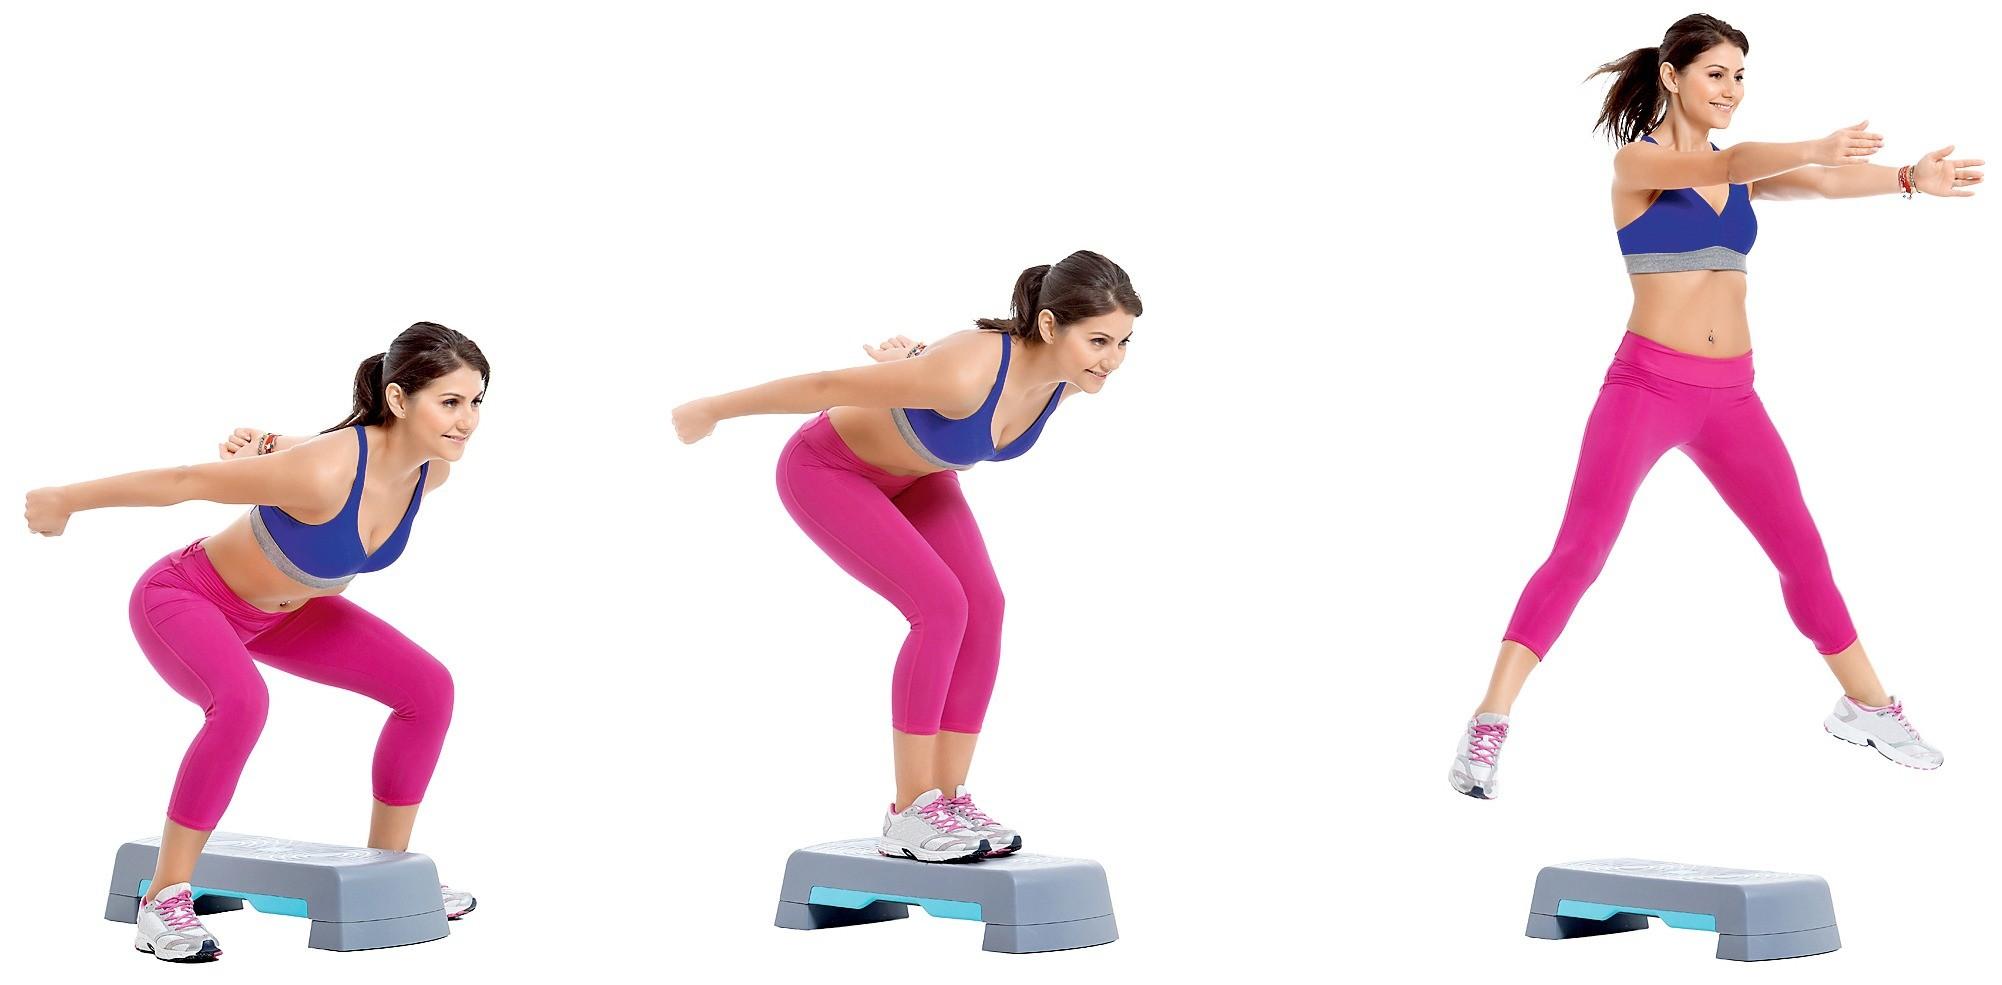 5 упражнений, которые помогут забыть о стрессе